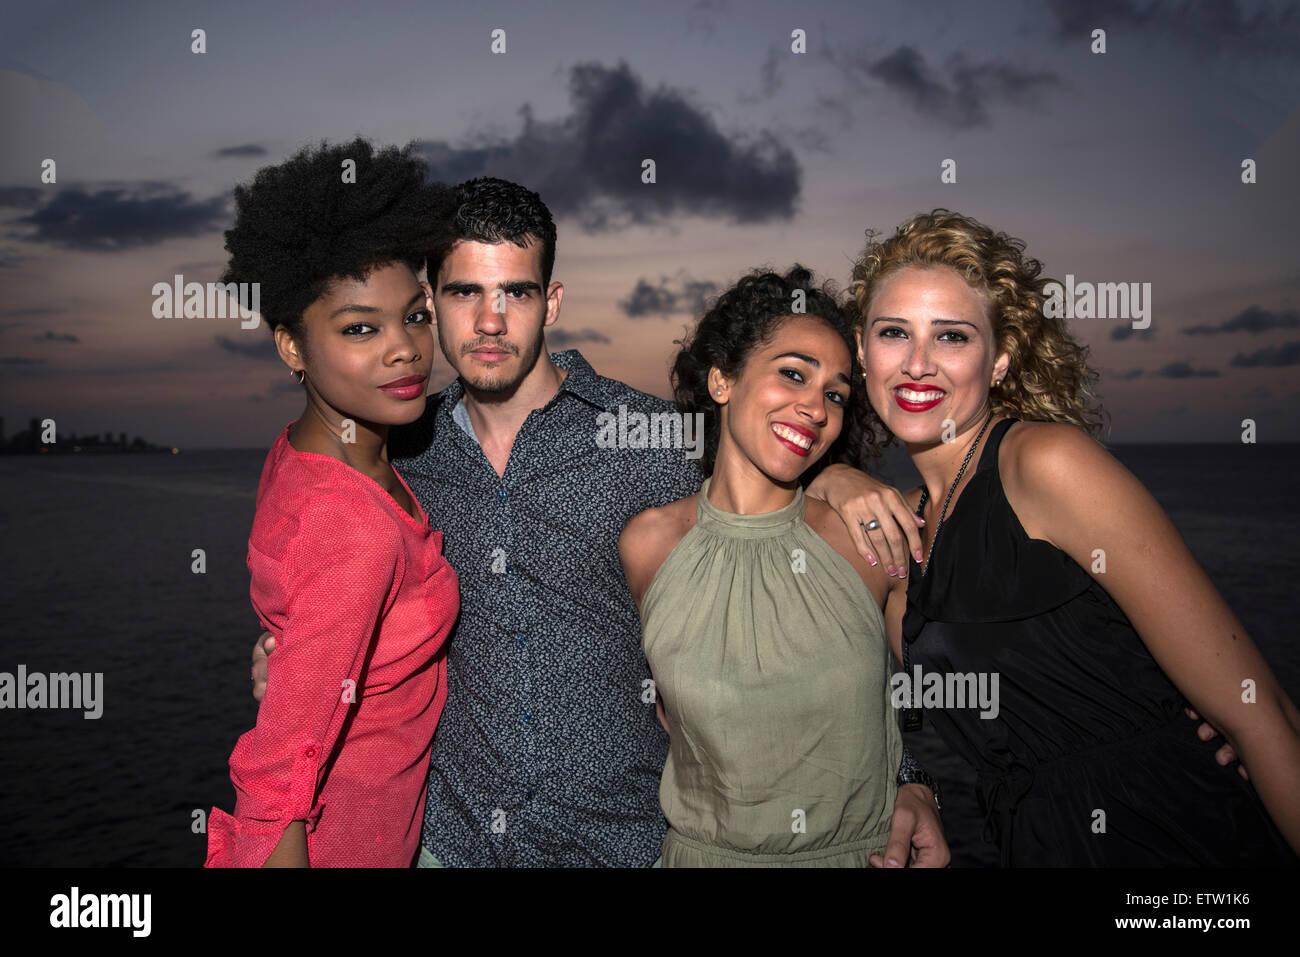 Quatre jeunes gens ensemble Photo Stock